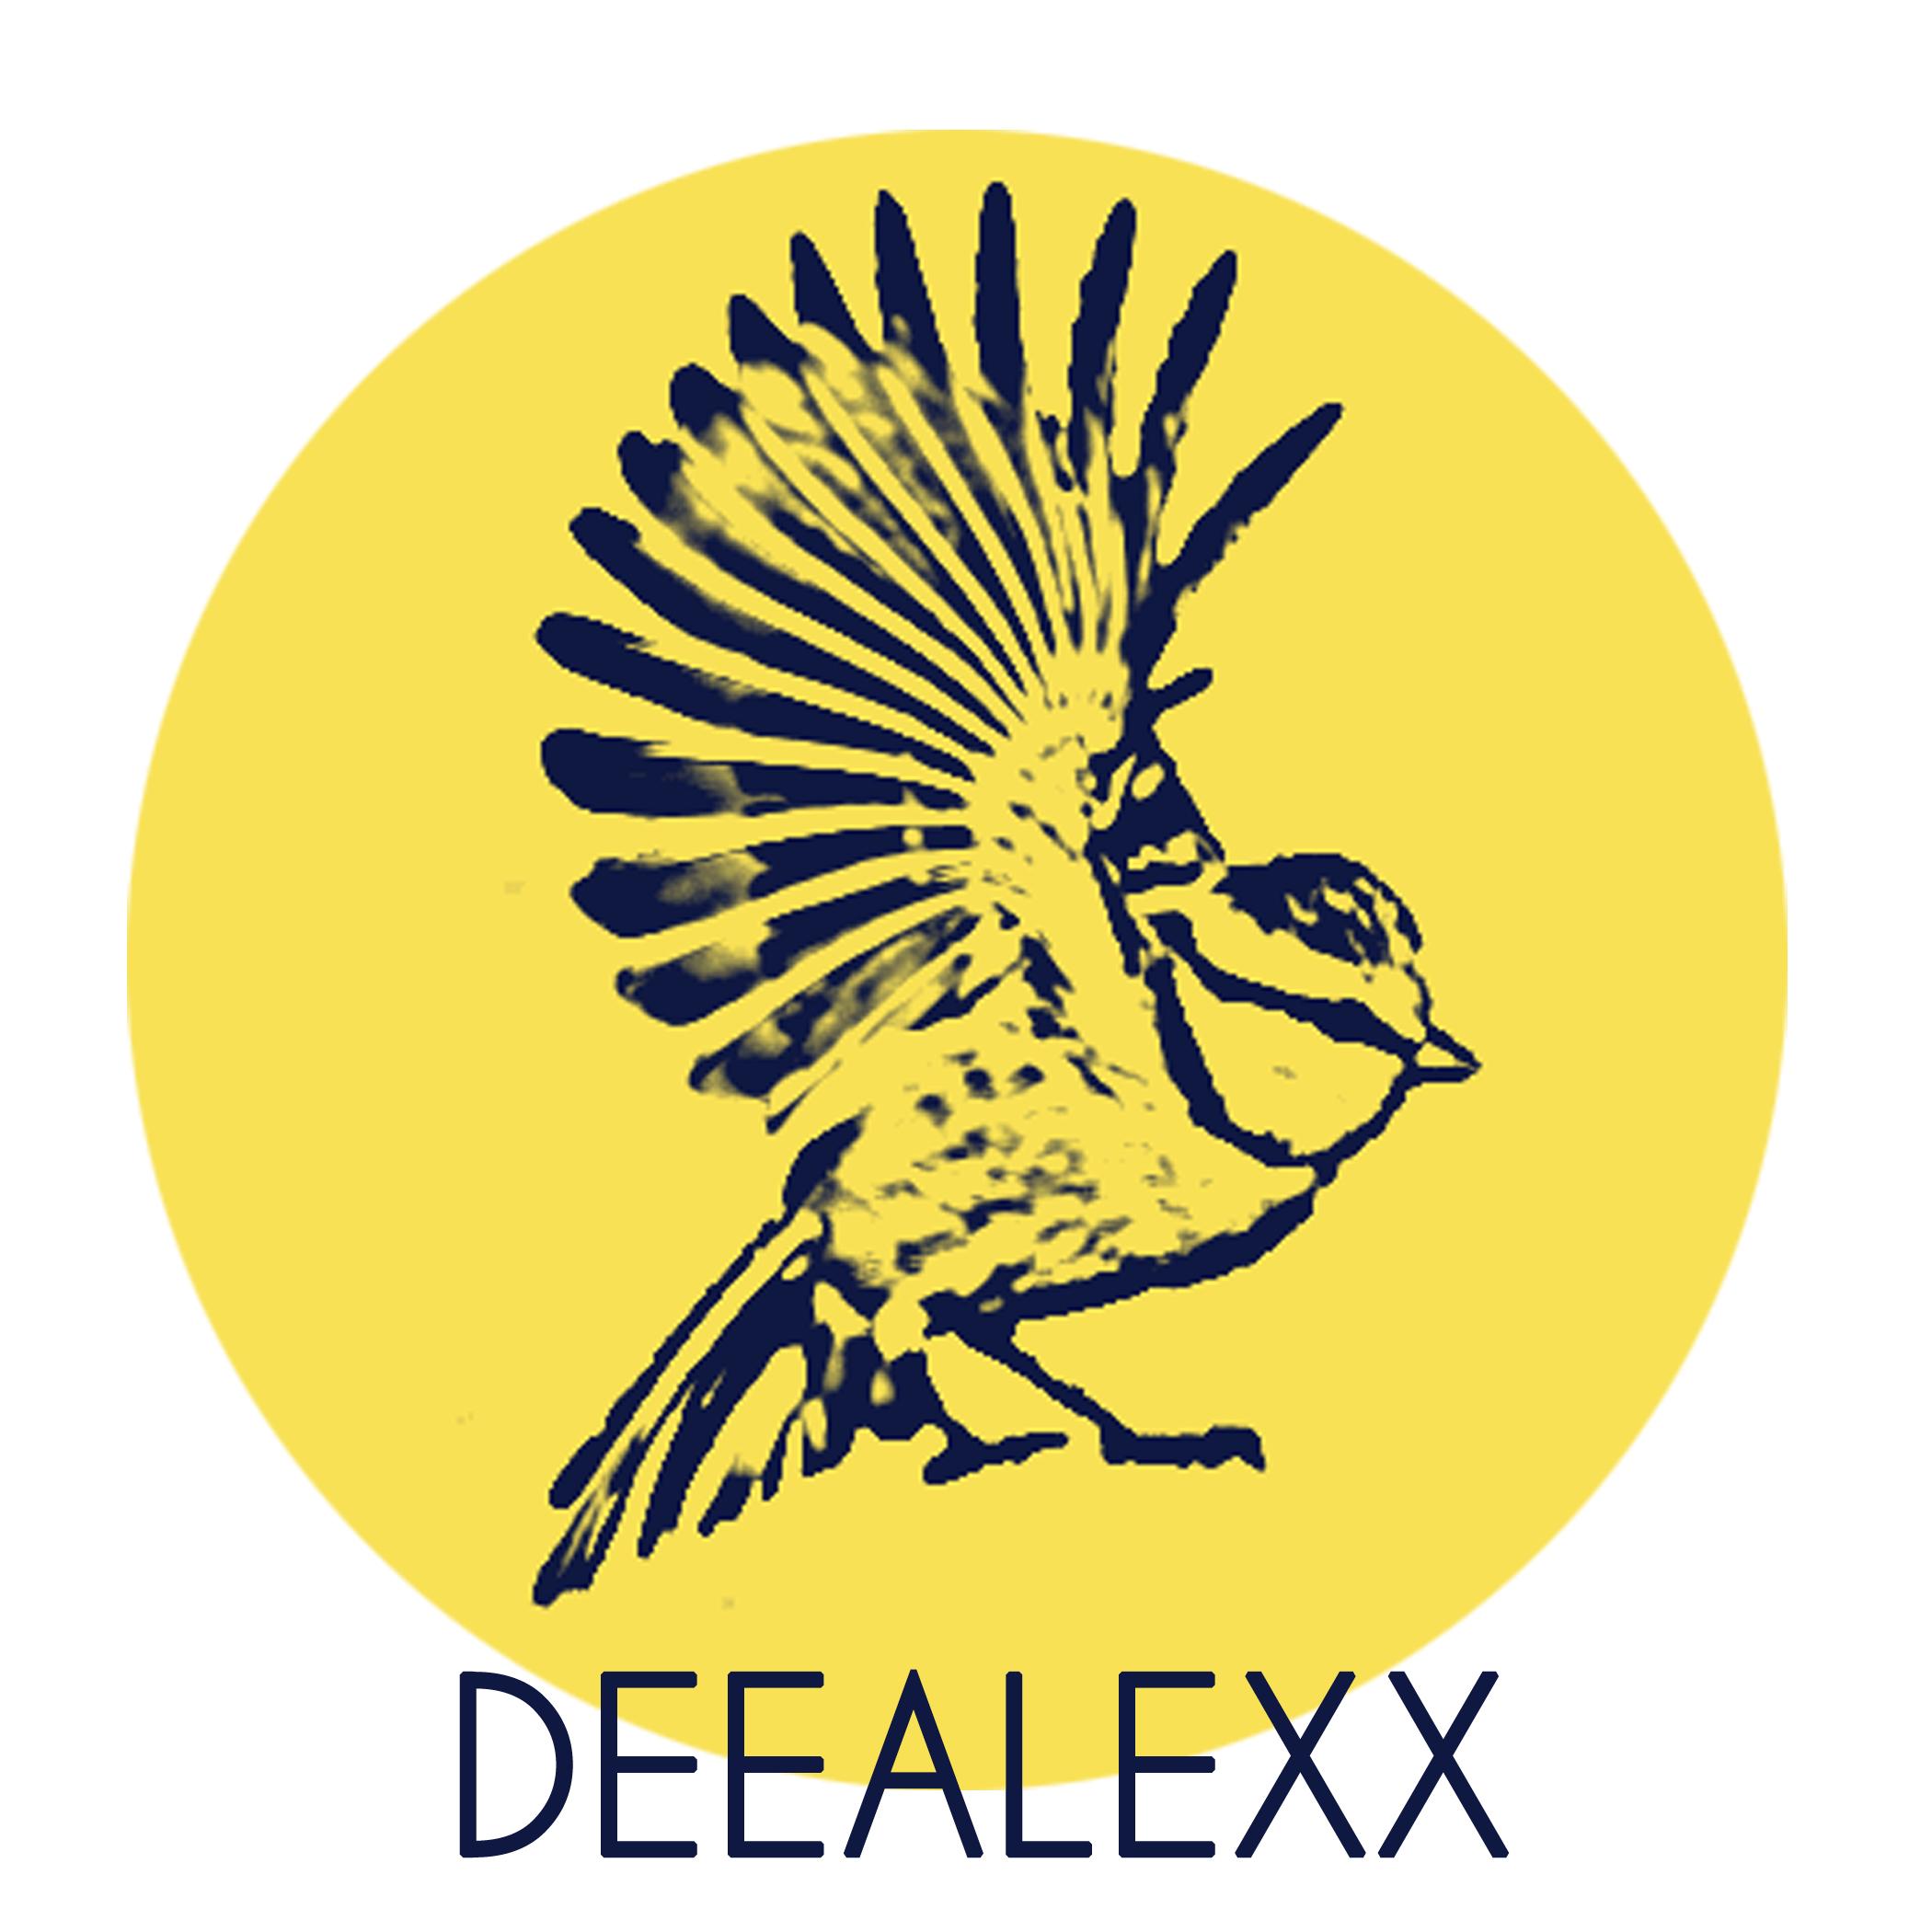 deealexx